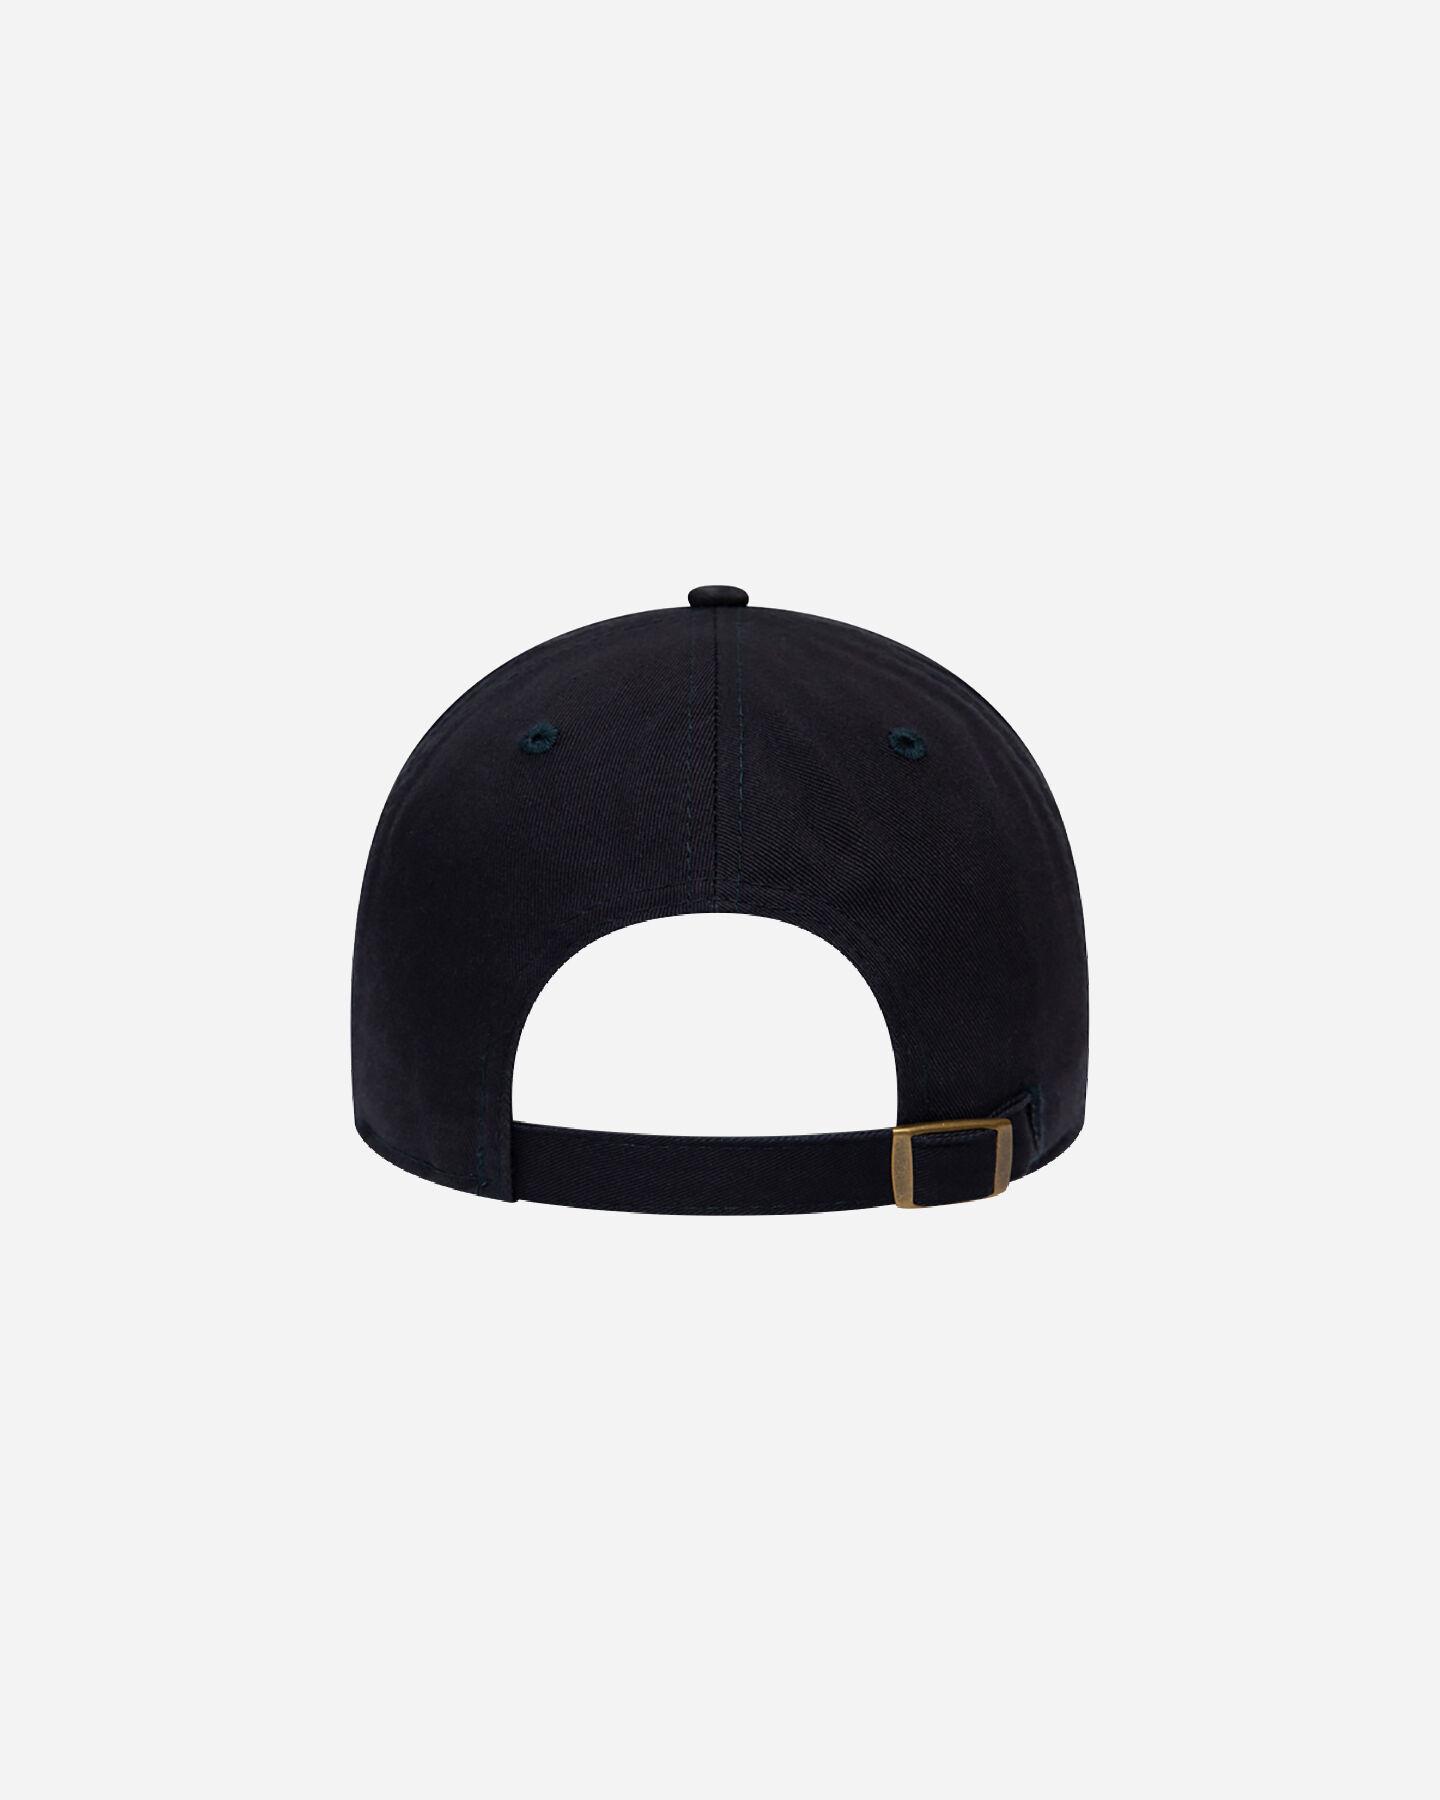 Cappellino NEW ERA CAP NE CASUAL CLASSIC LA DODGERS NAVY S5238745|410|OSFM scatto 3